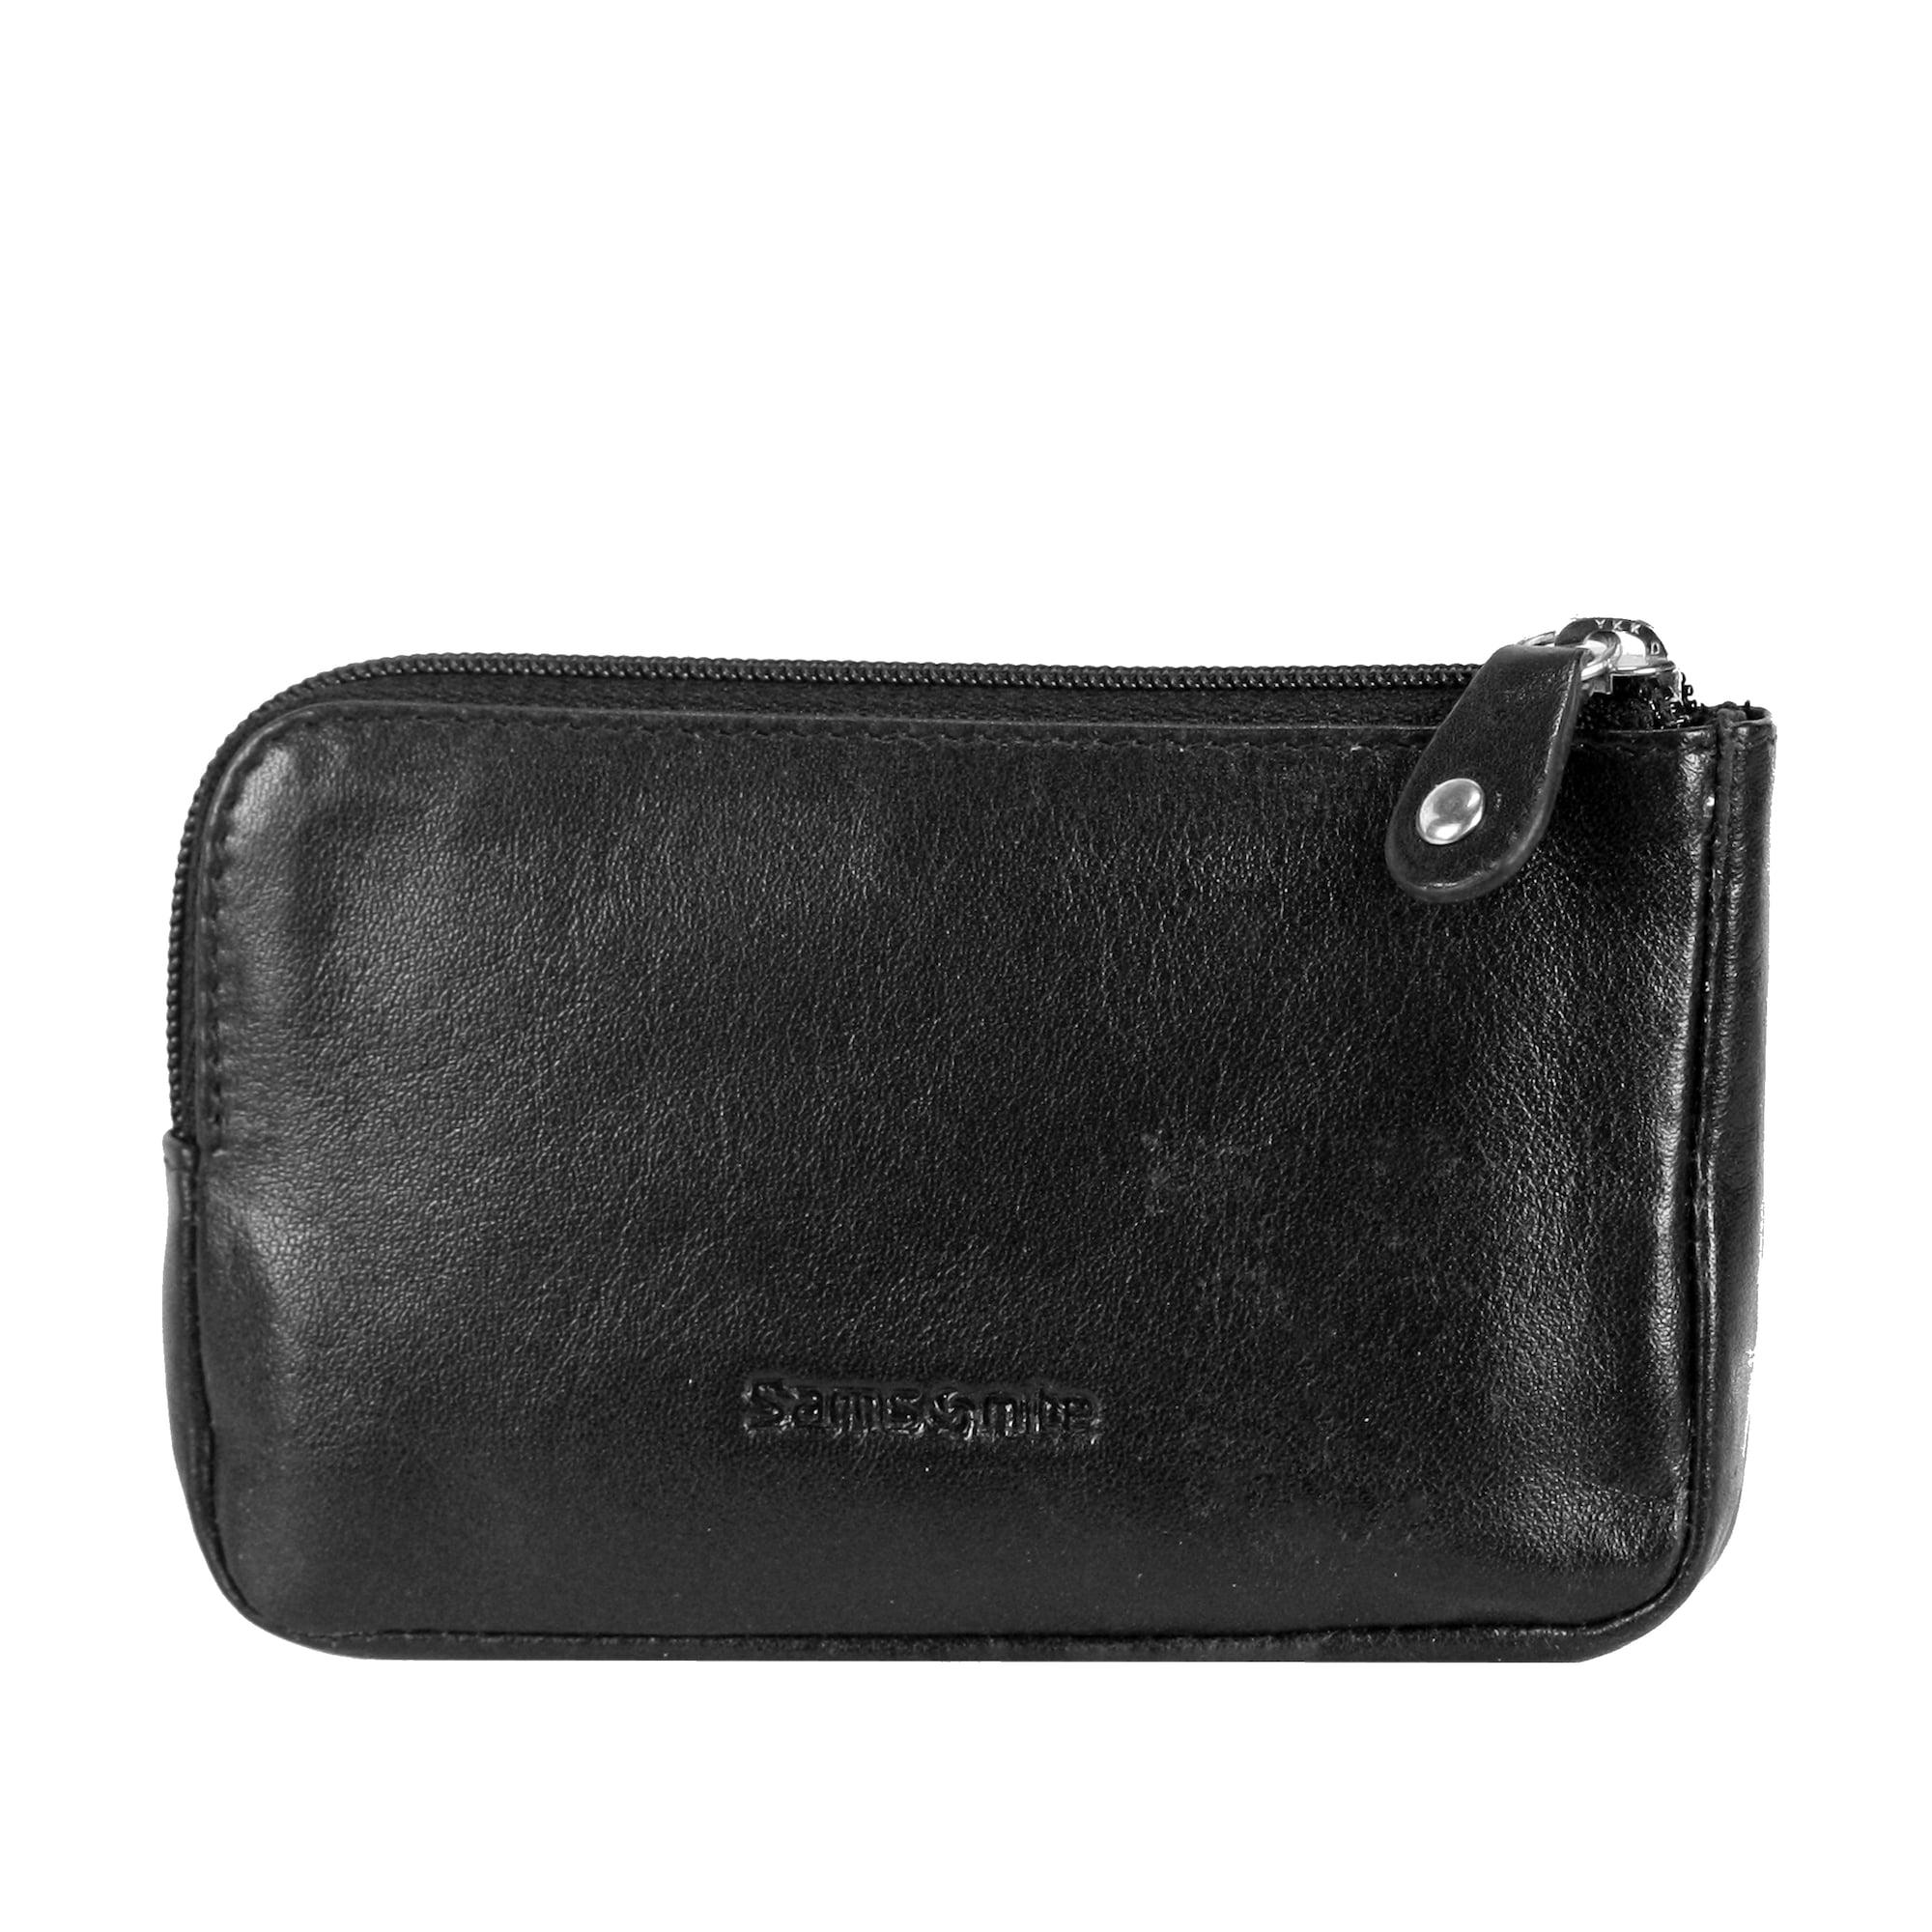 Success SLG Schlüsseltasche Leder 9 cm | Accessoires > Portemonnaies > Schlüsseltaschen | Schwarz | Samsonite